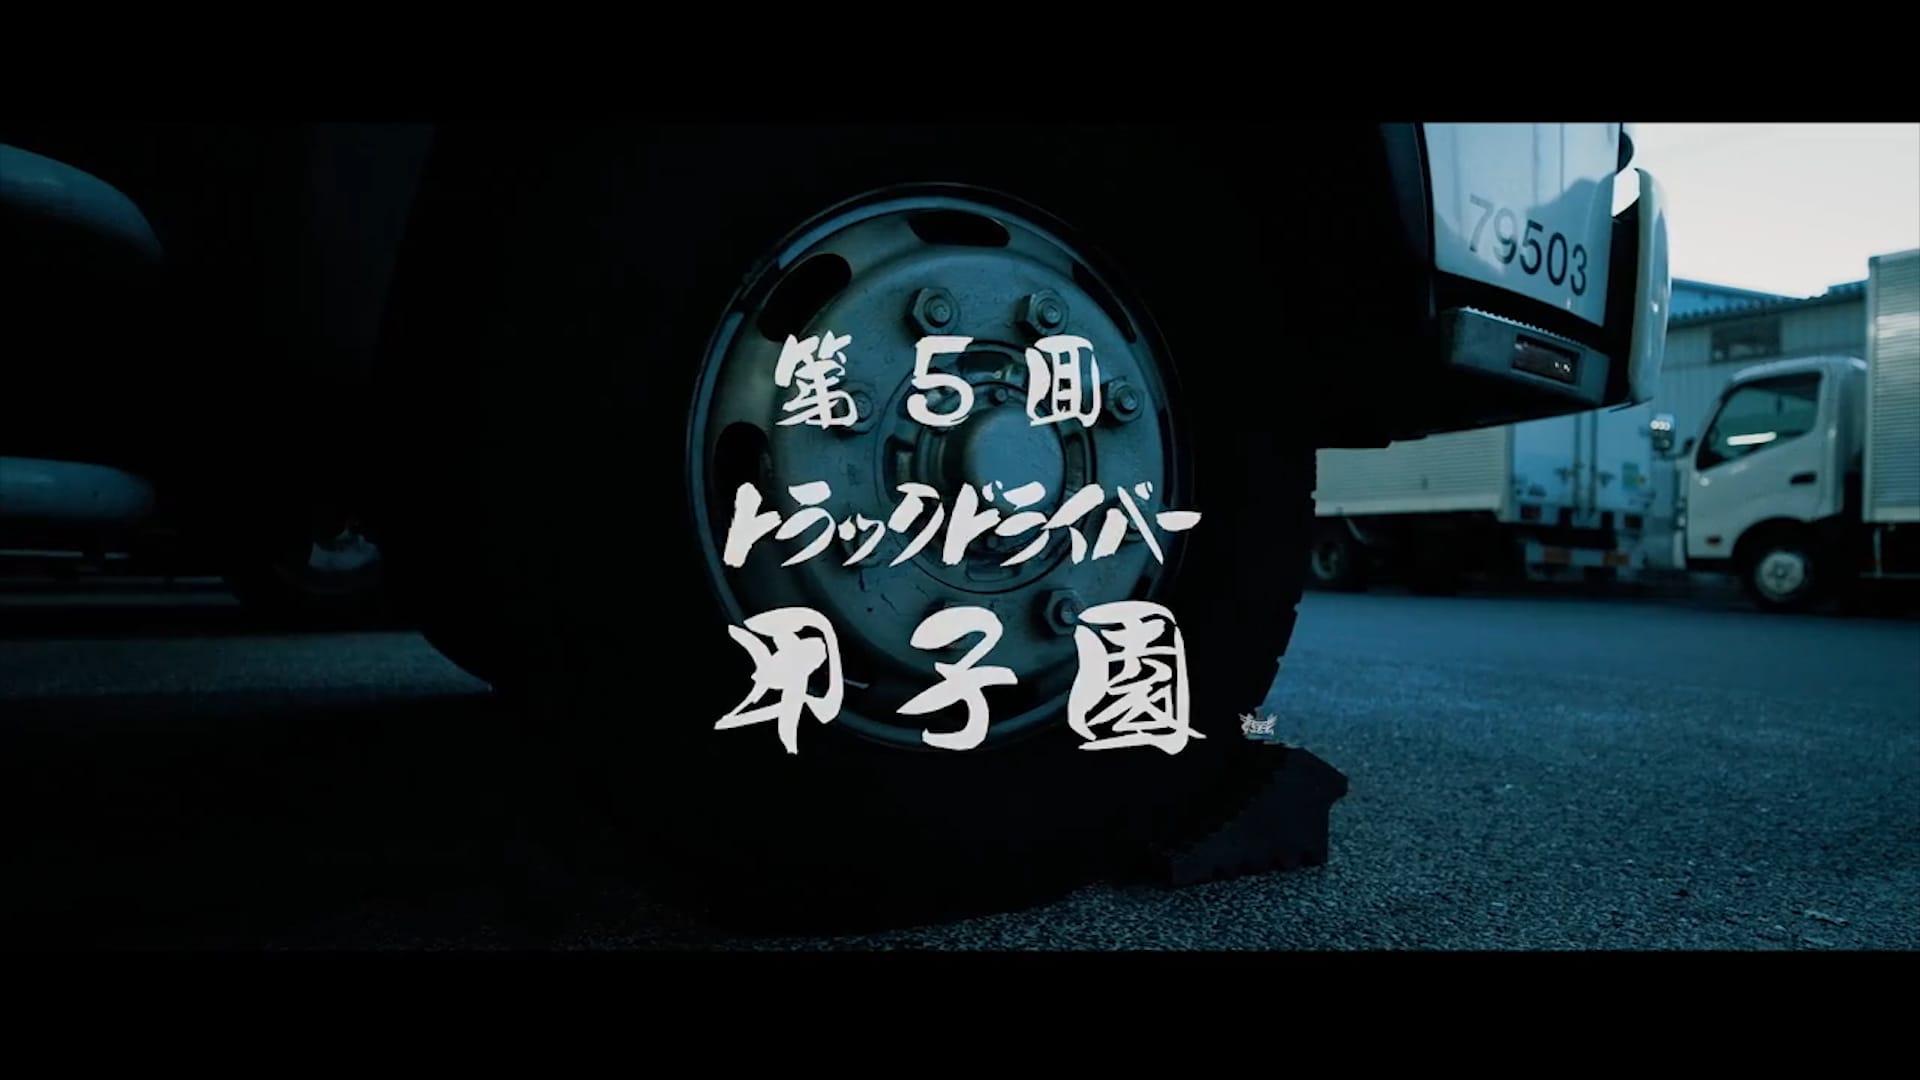 「第5回トラックドライバー甲子園:オープニング映像」